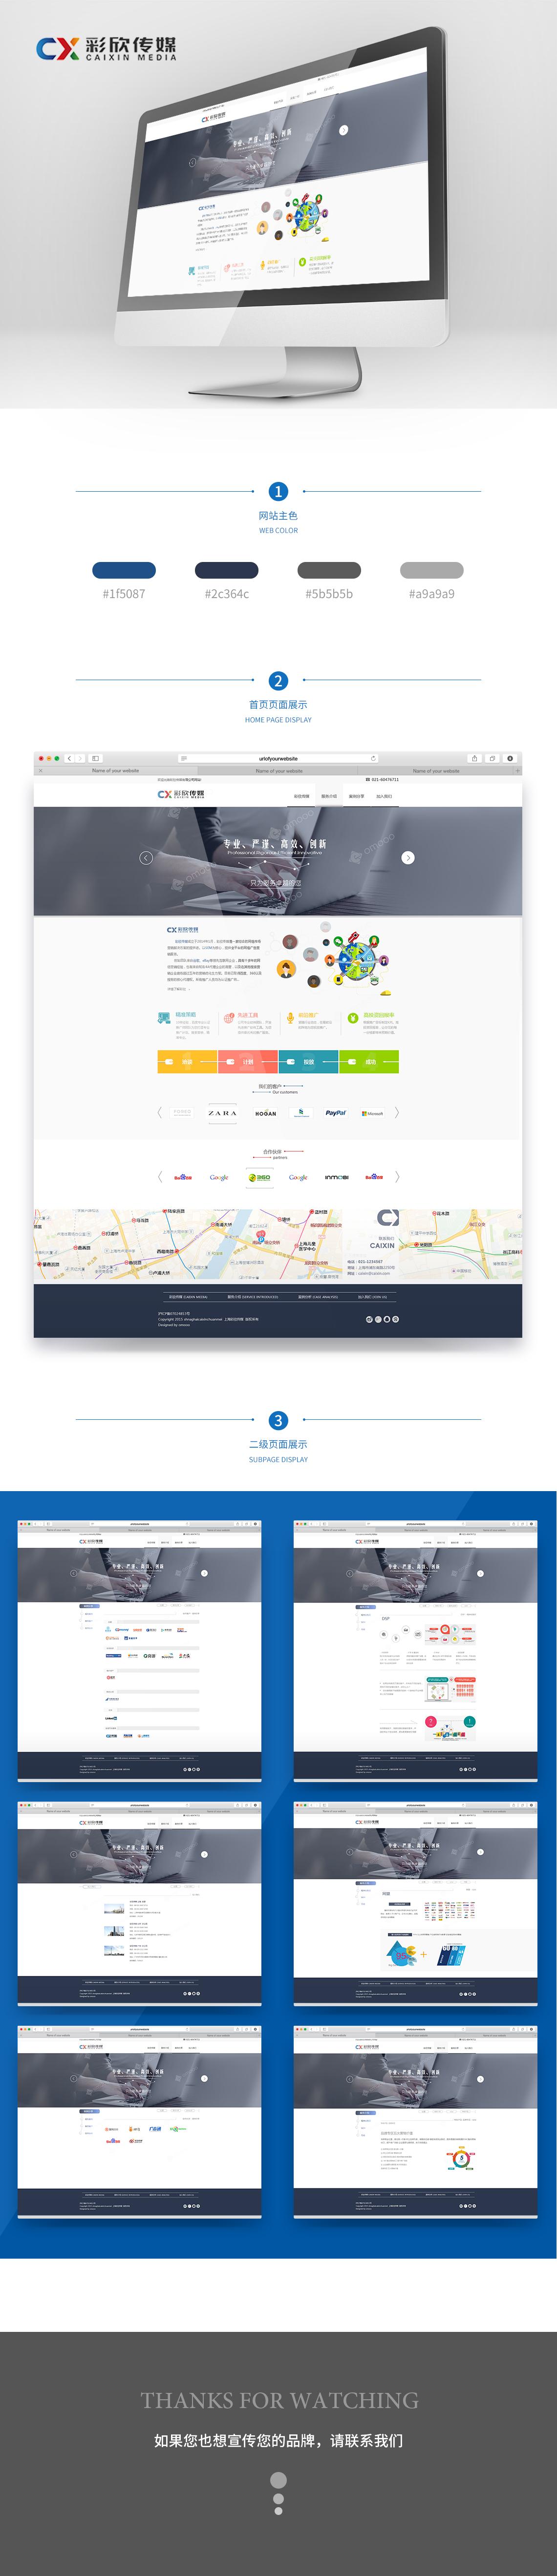 公司网站建设案例之彩欣传媒公司